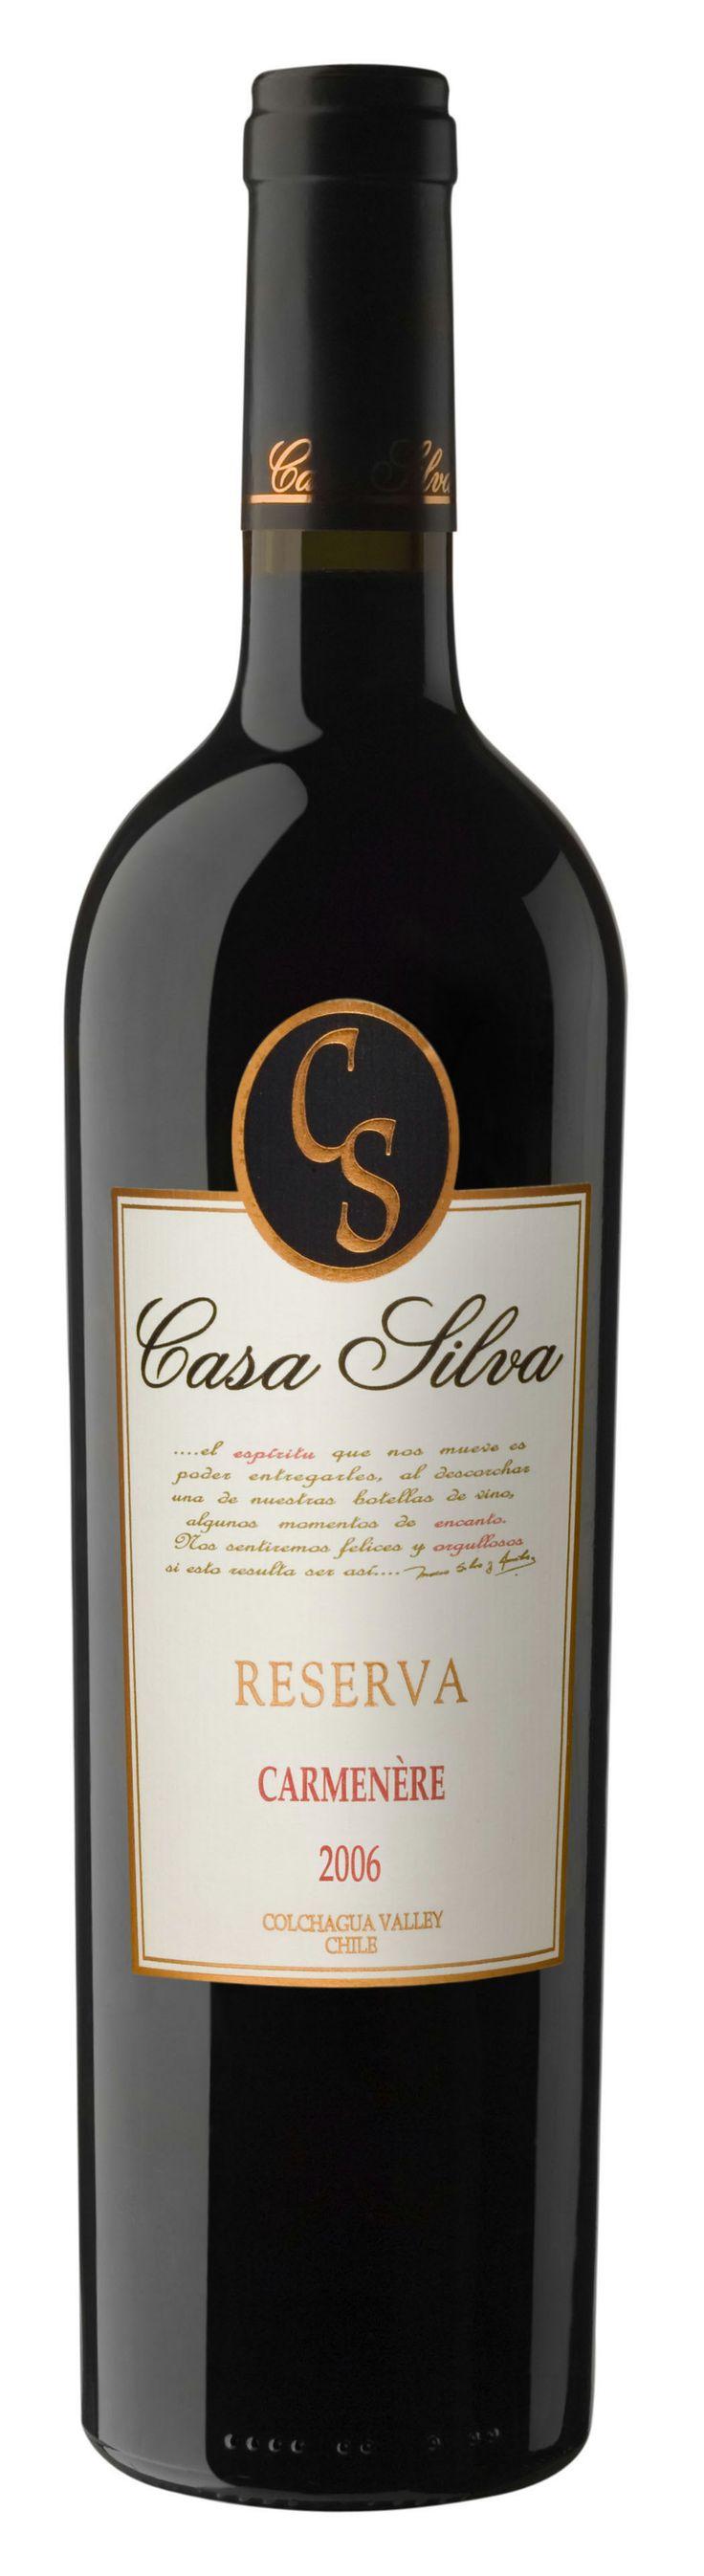 Chilean wine - Casa Silva Reserva - Carmenere HRV has a different vintage...still delicious #wine #Chicago #winebar